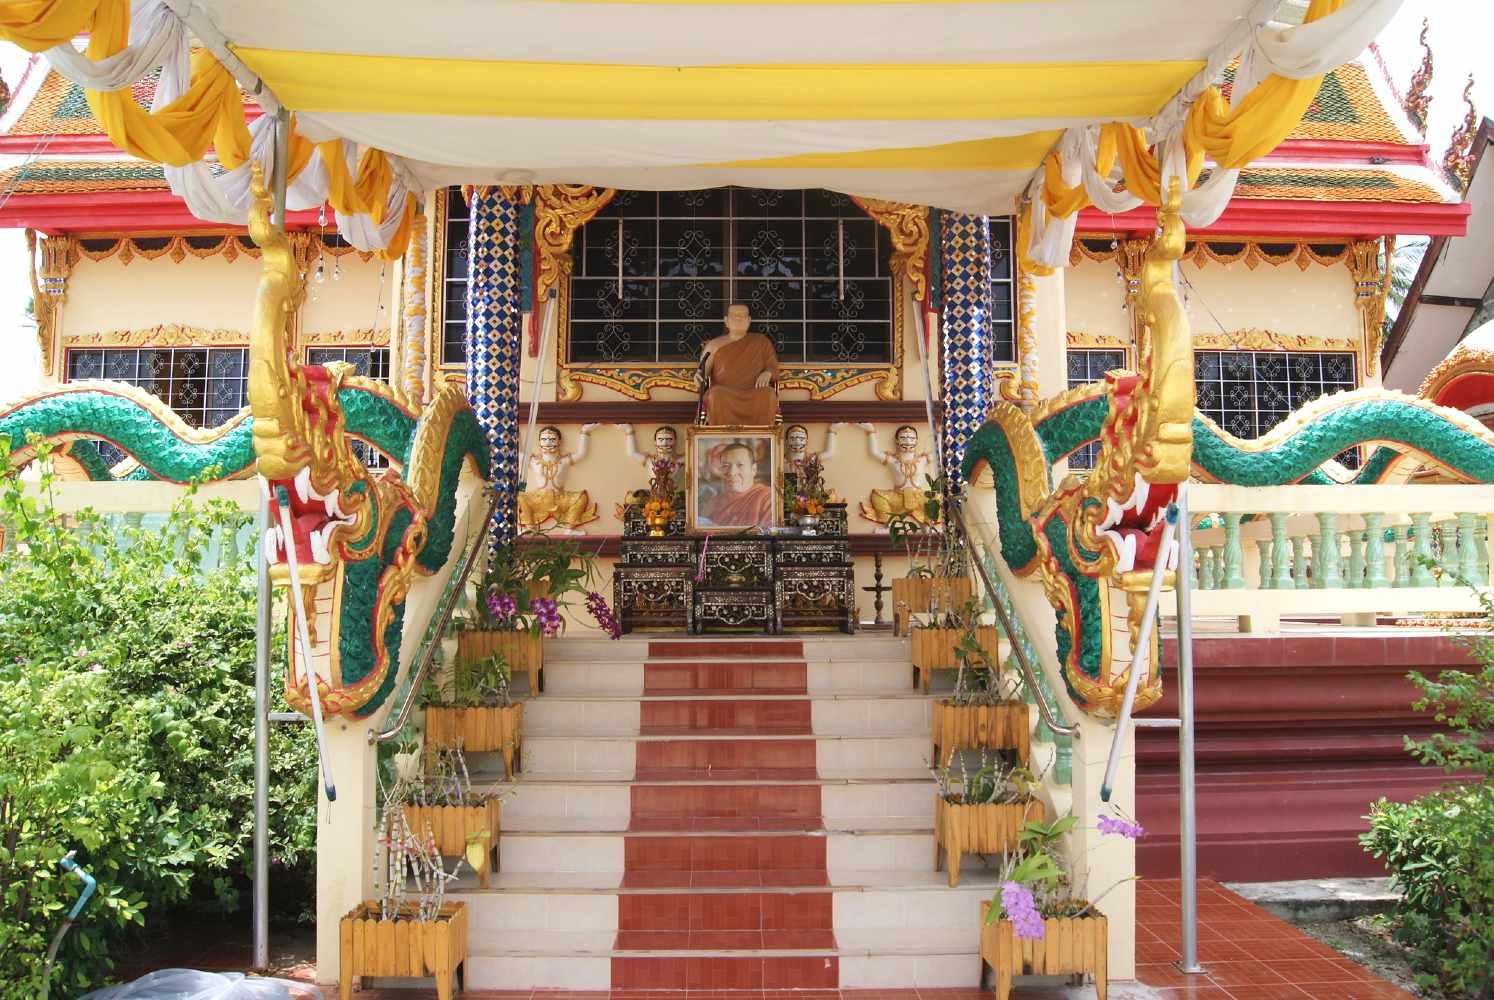 Ingang met trap en draken langs de leuningen van een onderdeel van het Wat Plai Laem tempelcomplex op Koh Samui